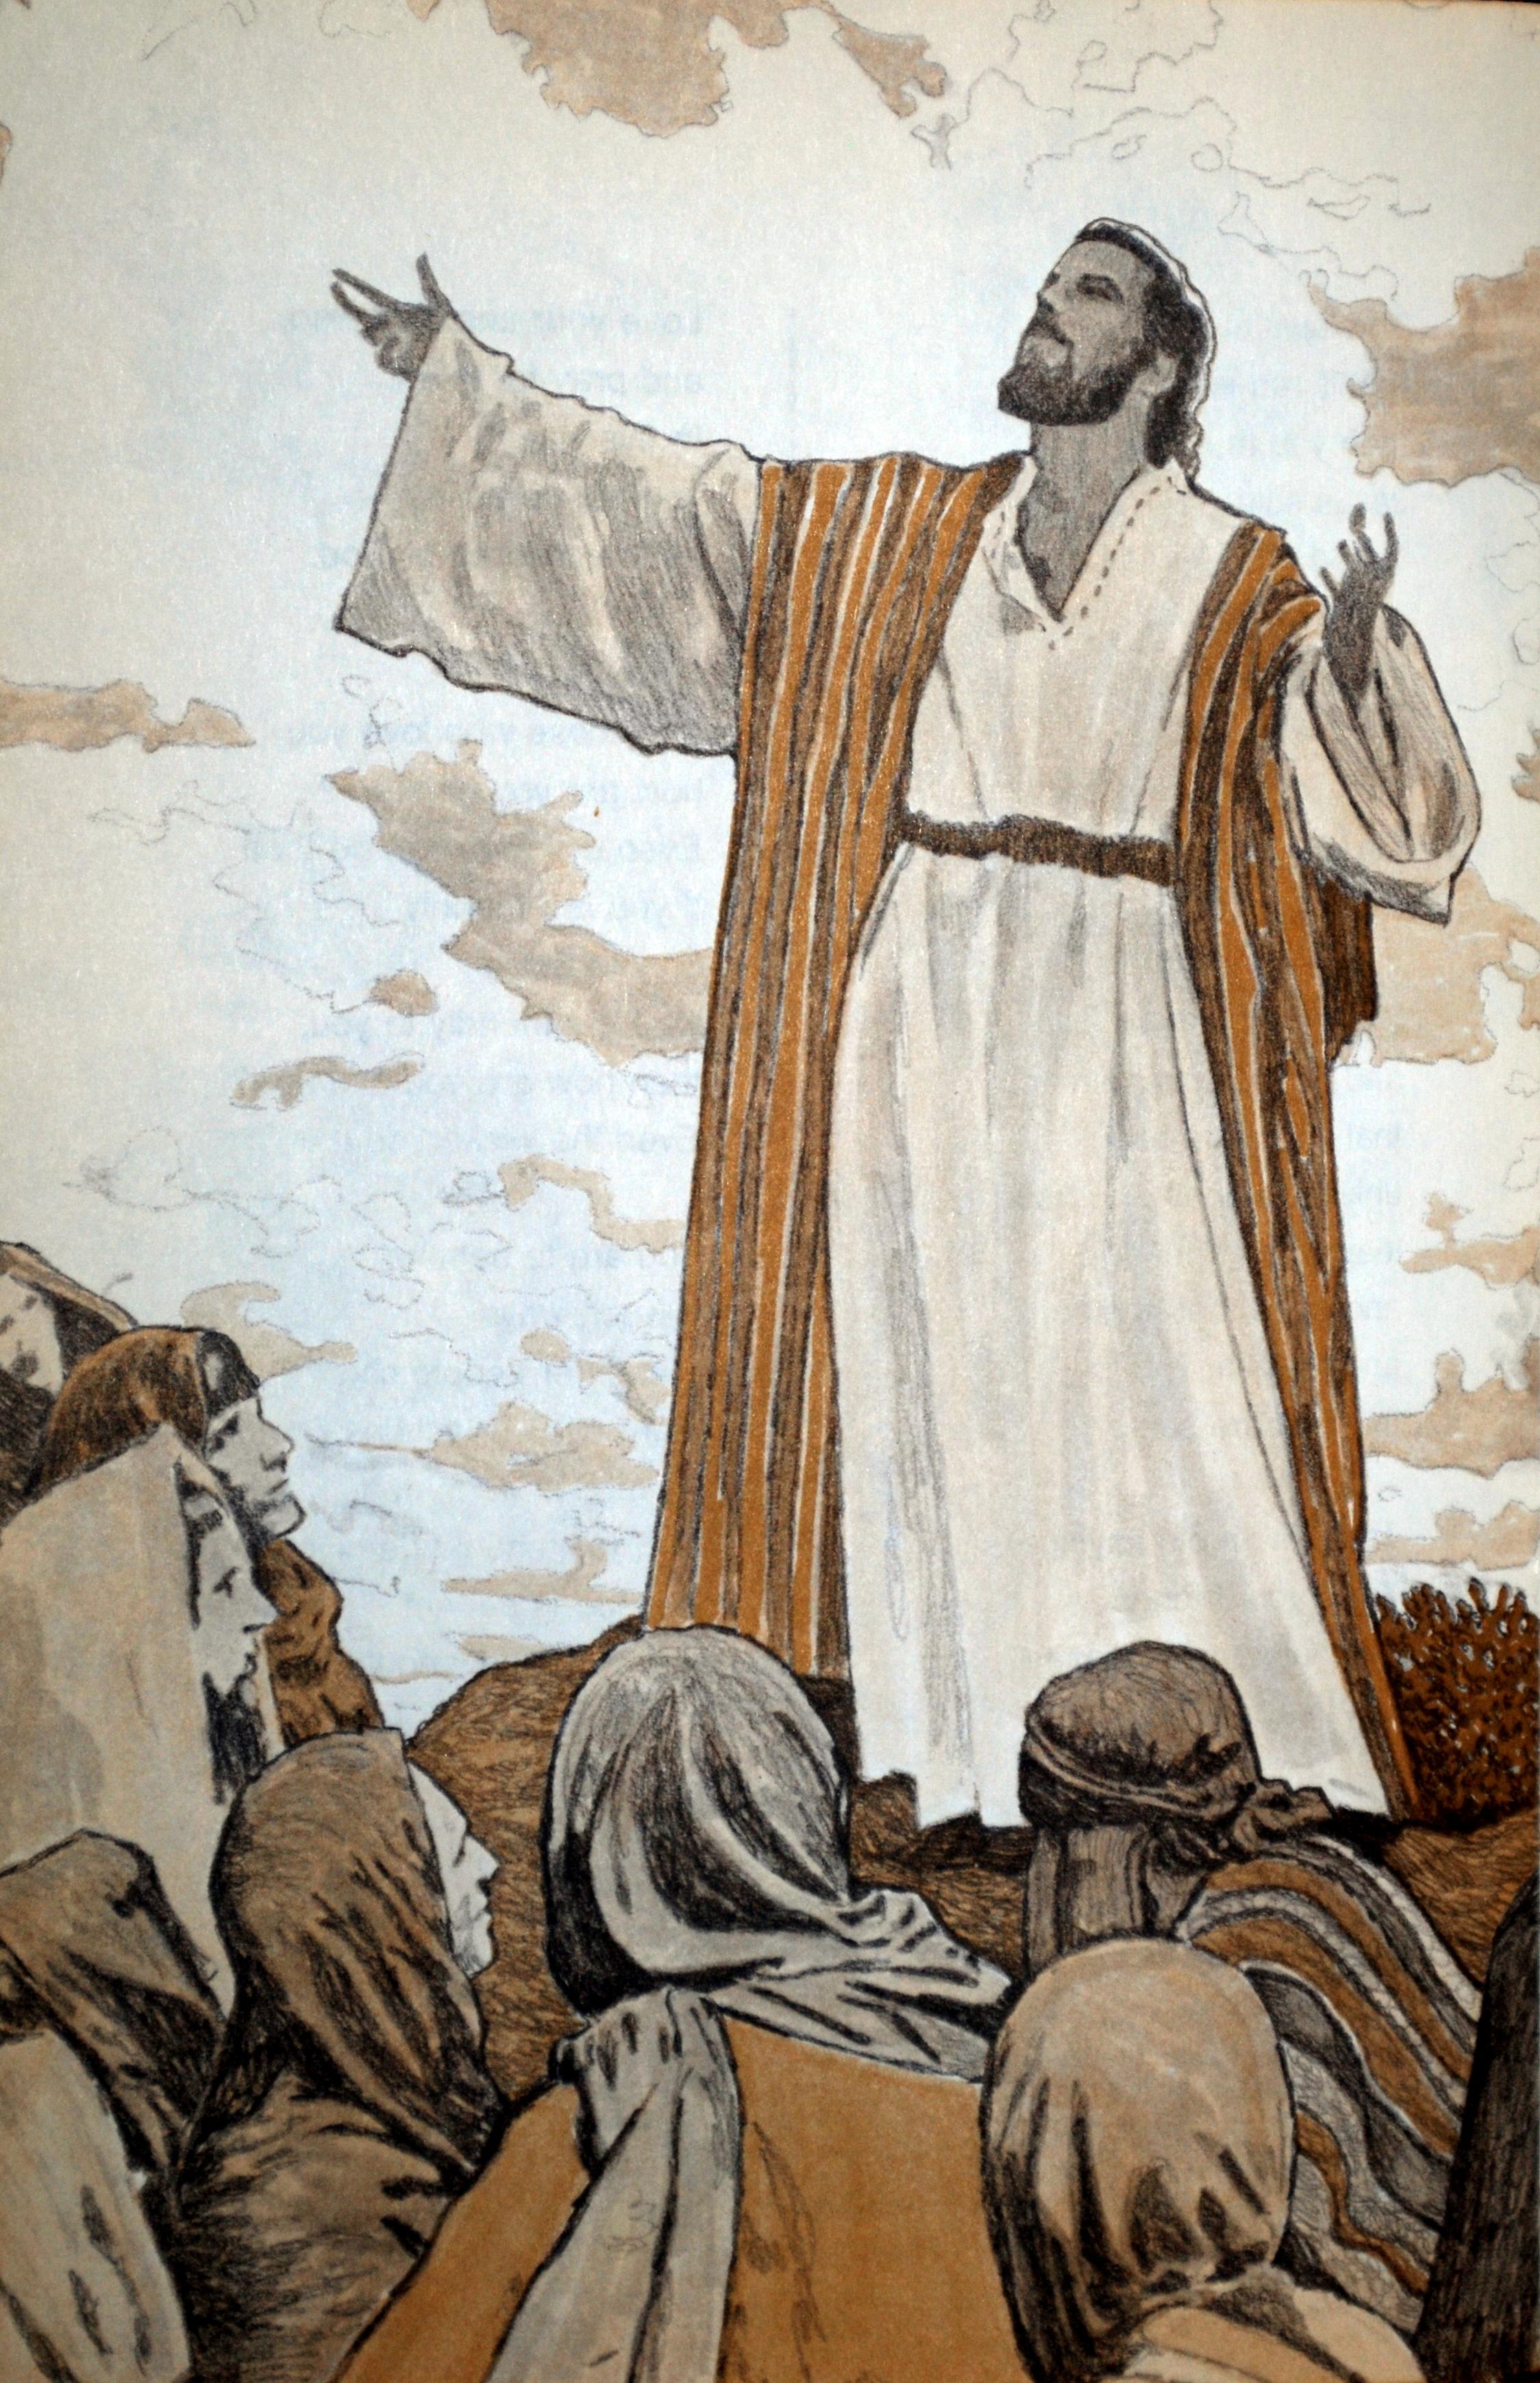 jesus-i-will-come-again-melton